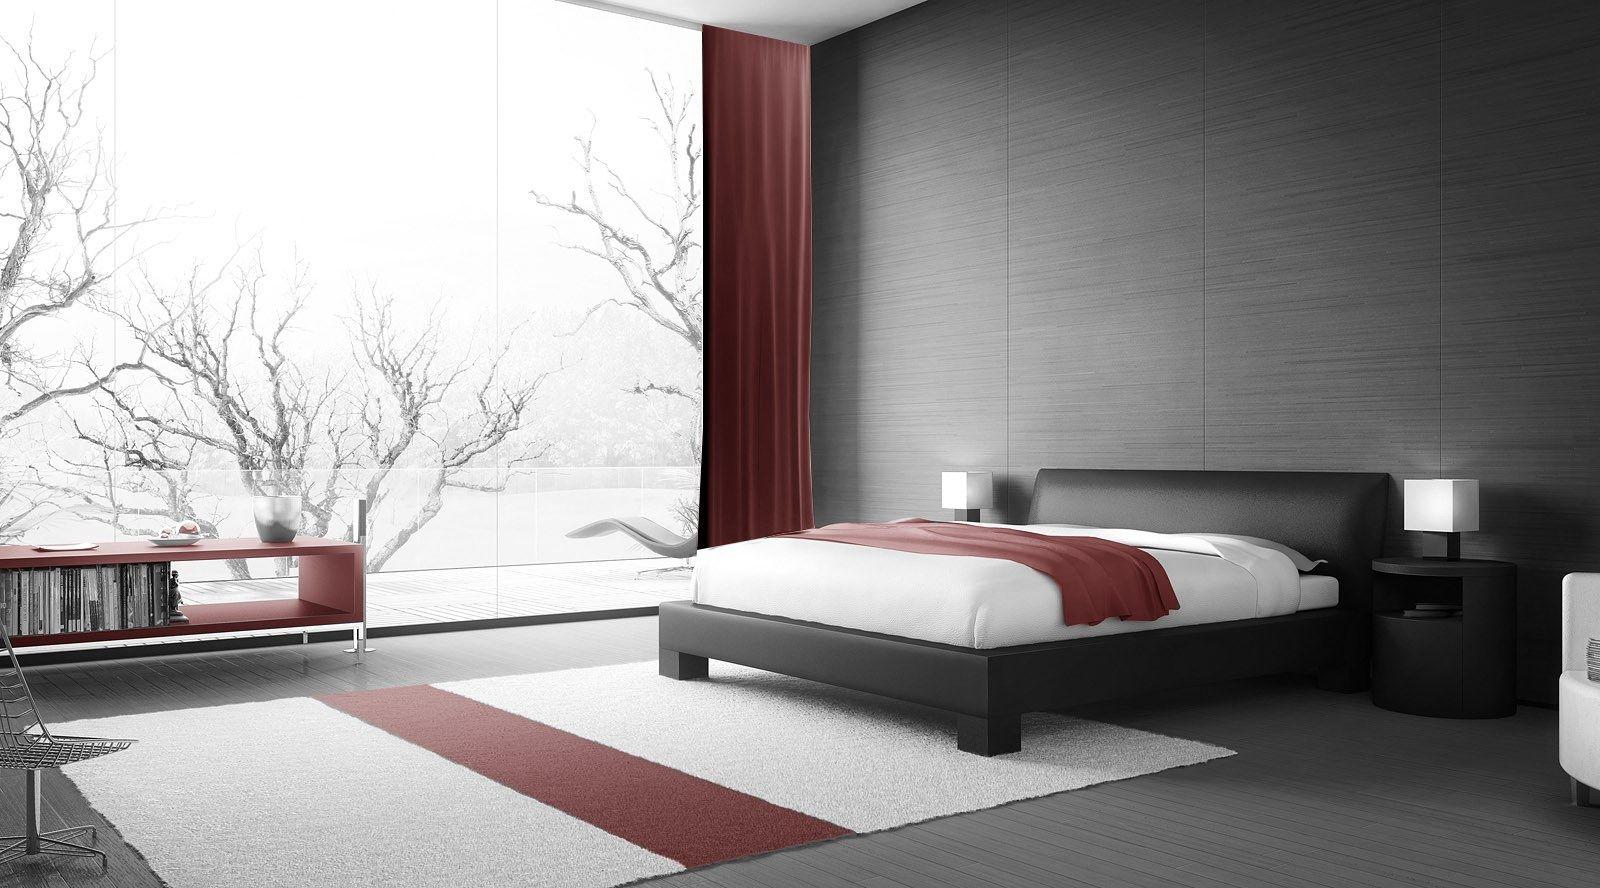 Bedroom interior hd pics x hd wallpaper room  hueputalo  pinterest  hd wallpaper